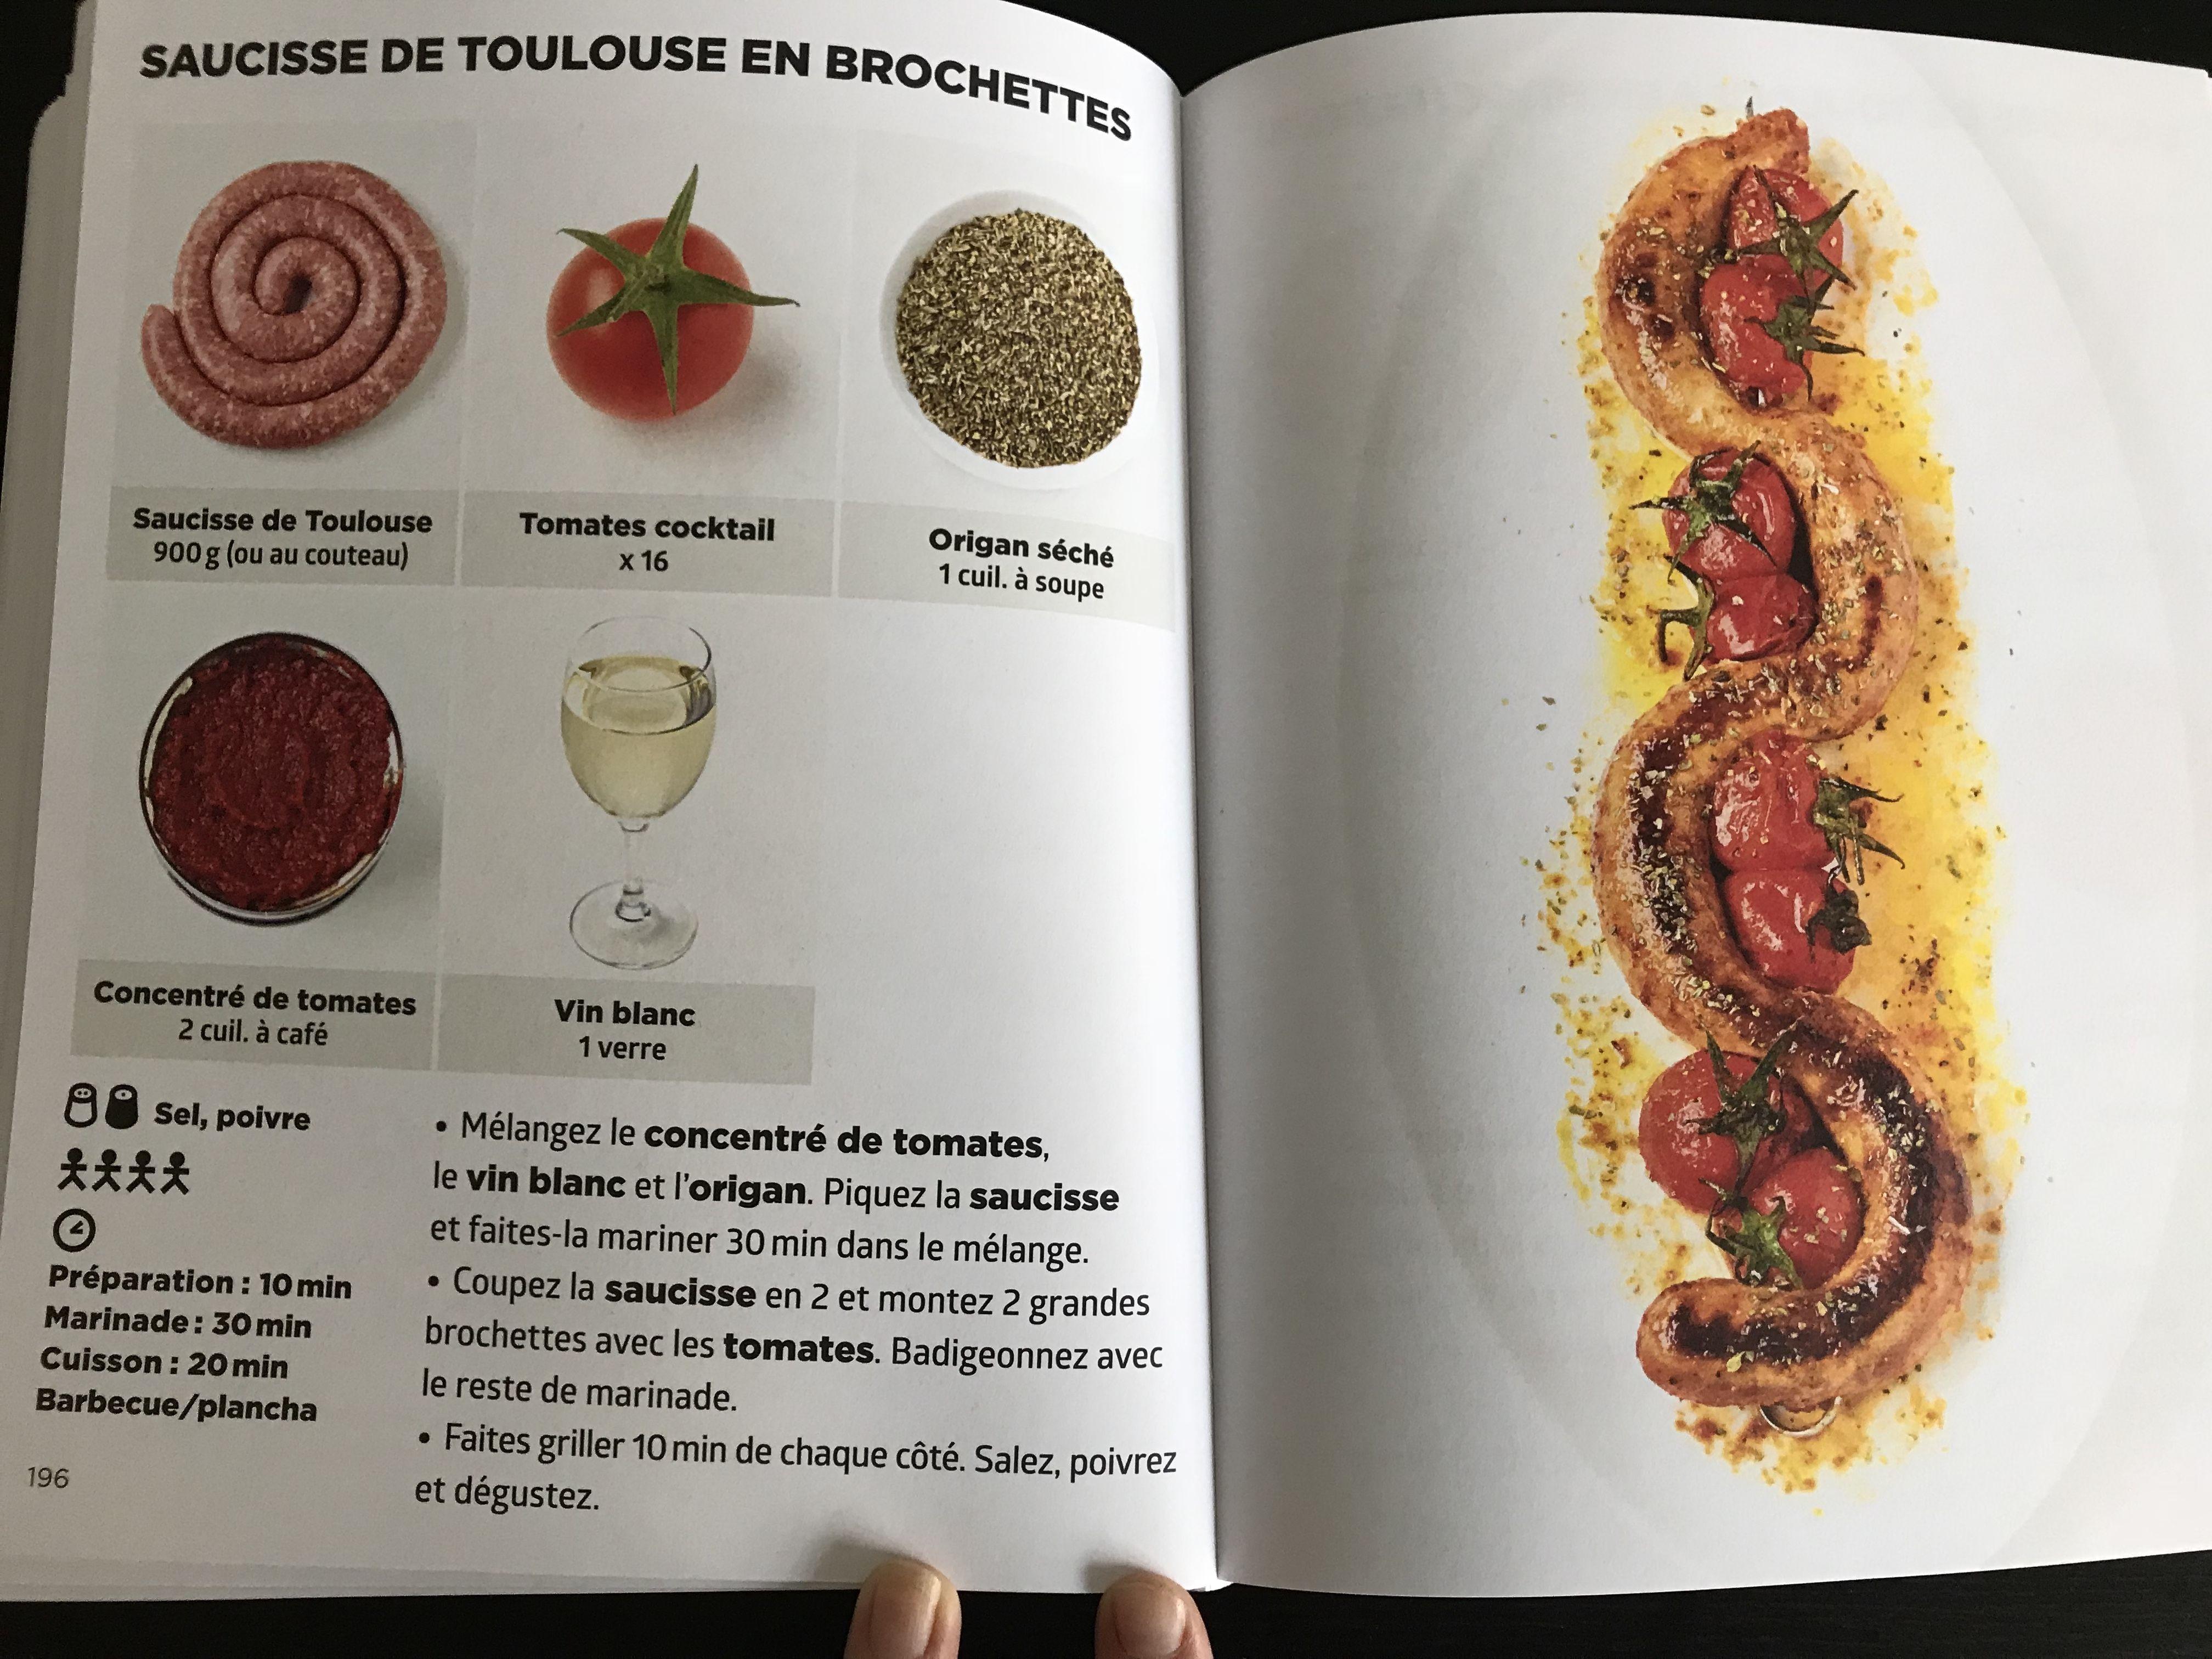 Epingle Par Jocelyne Luquet Sur Simples Comme Une Recette Tout Est Dit Dans Le Titre Recettes De Cuisine Cuisine Et Boissons Cuisine